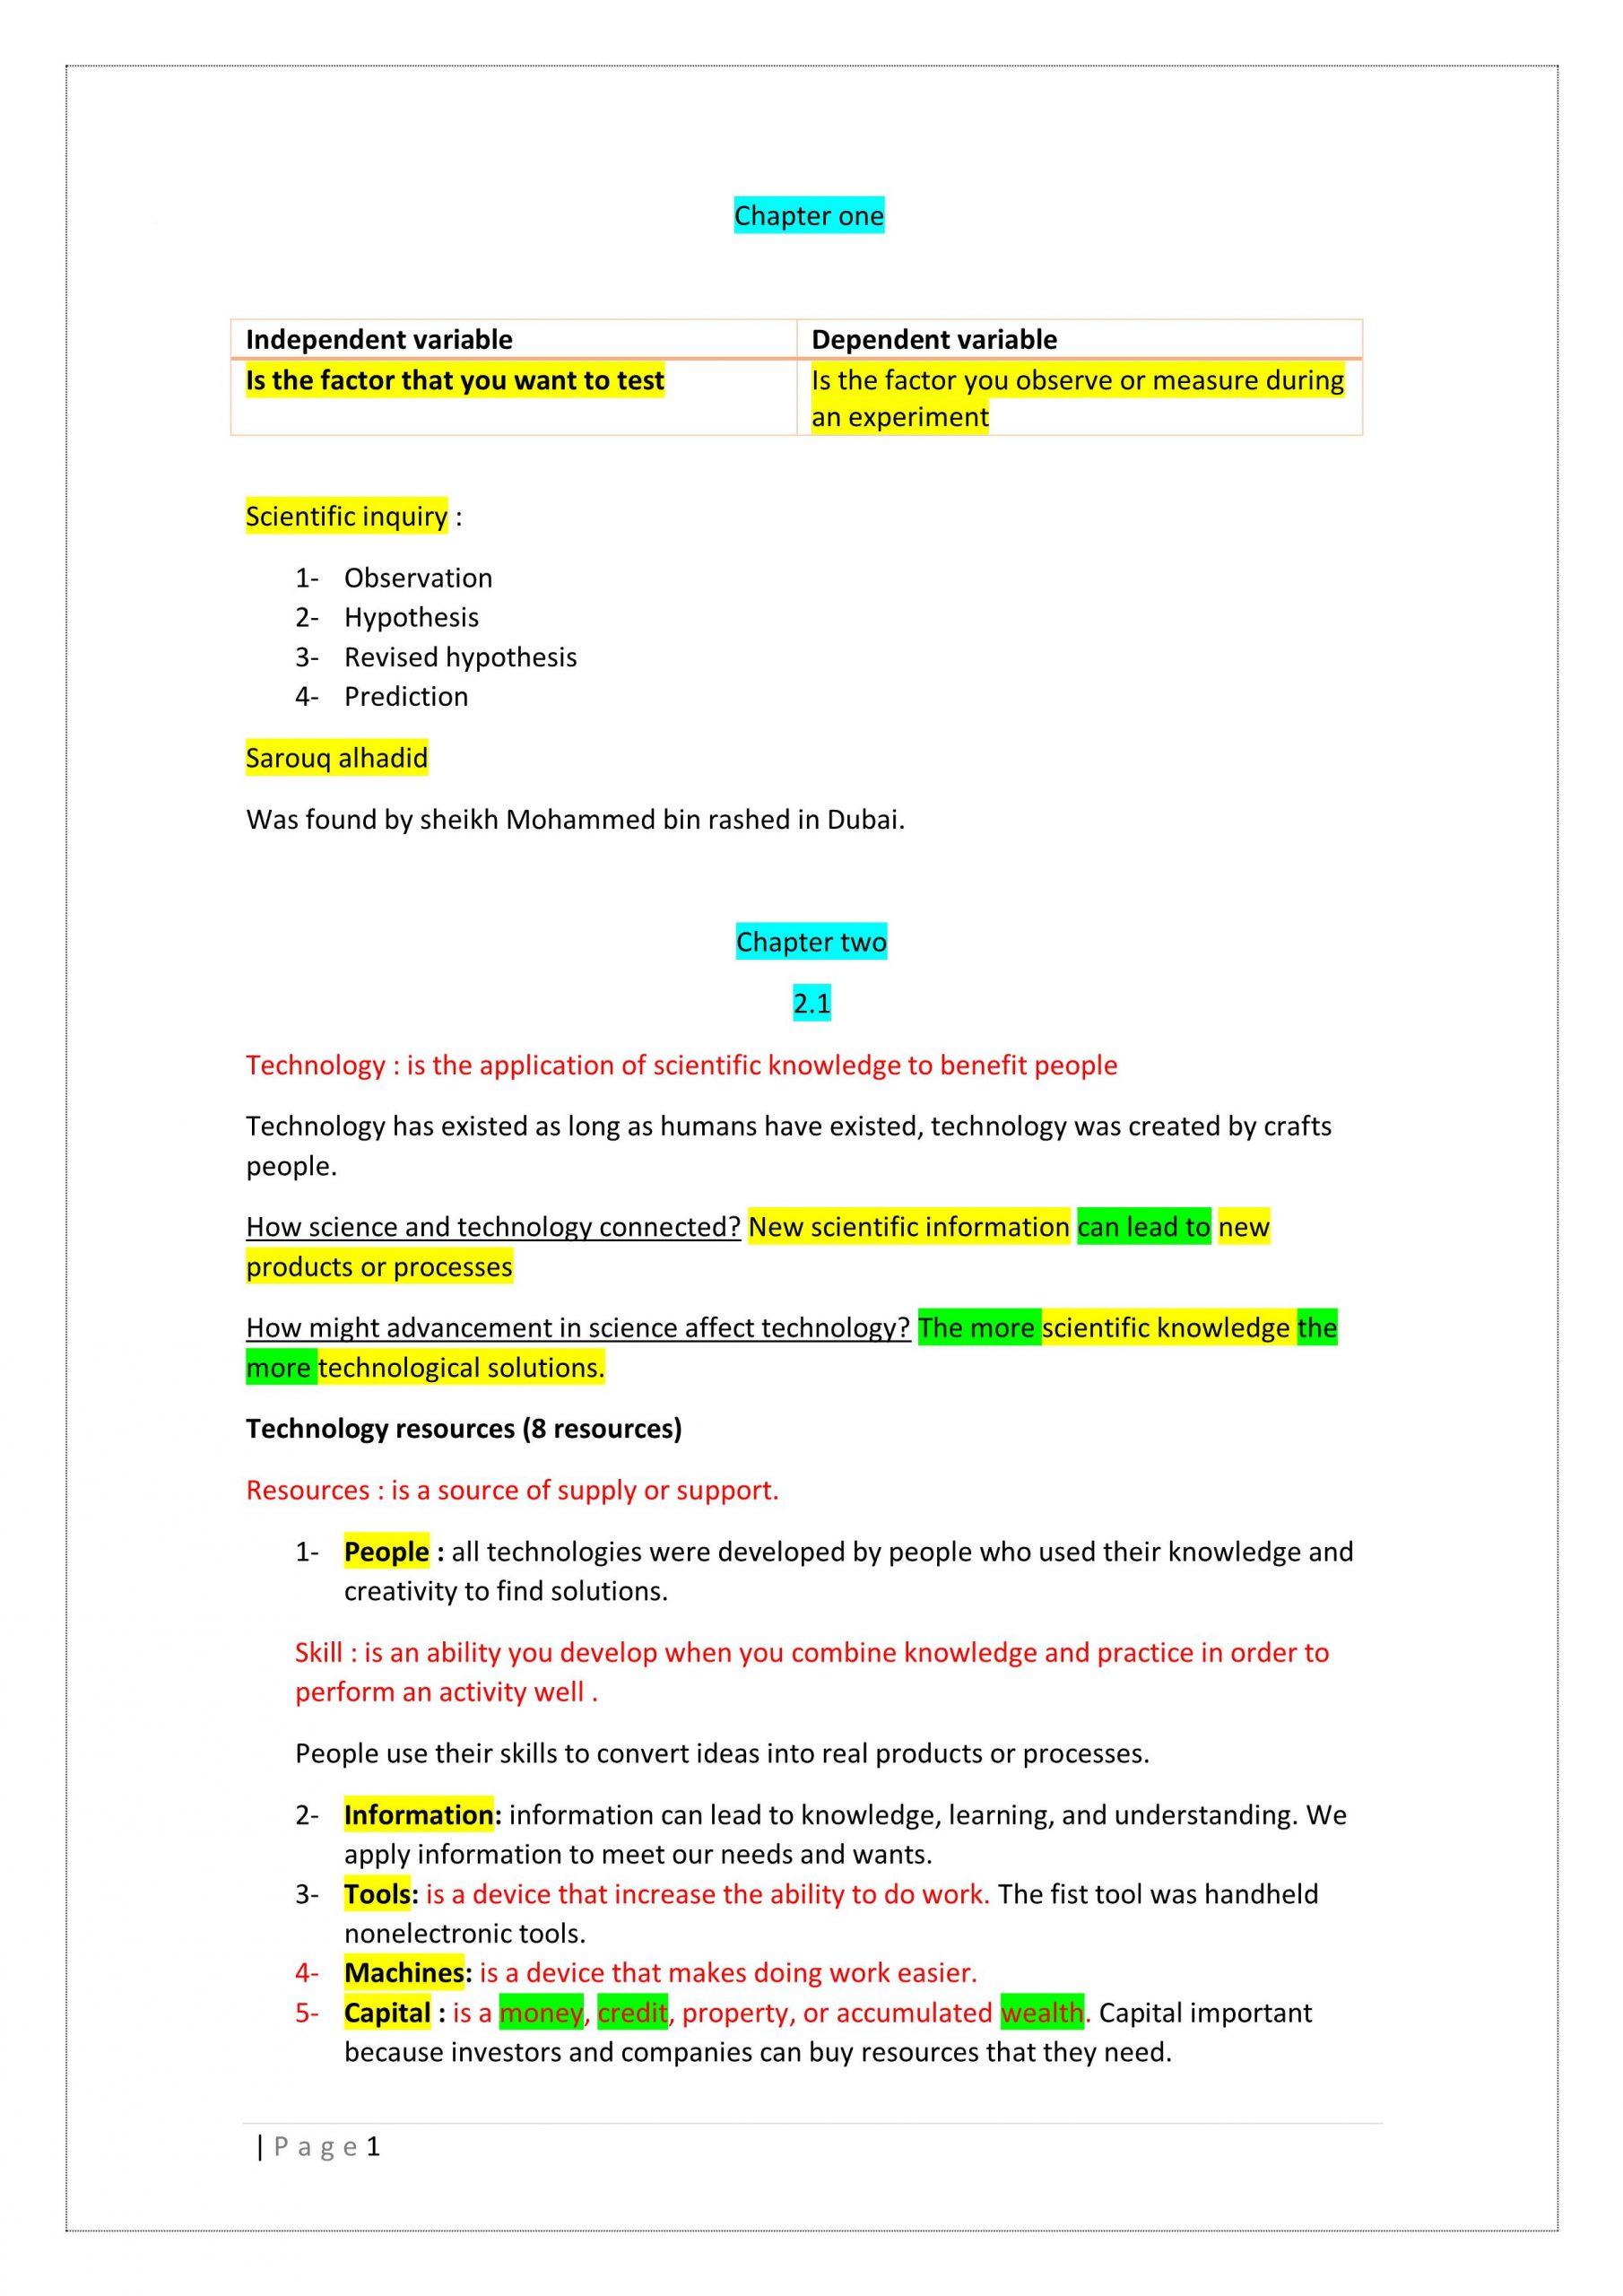 ملخص شامل الفصل الدراسي الاول بالانجليزي الصف السادس مادة العلوم المتكاملة